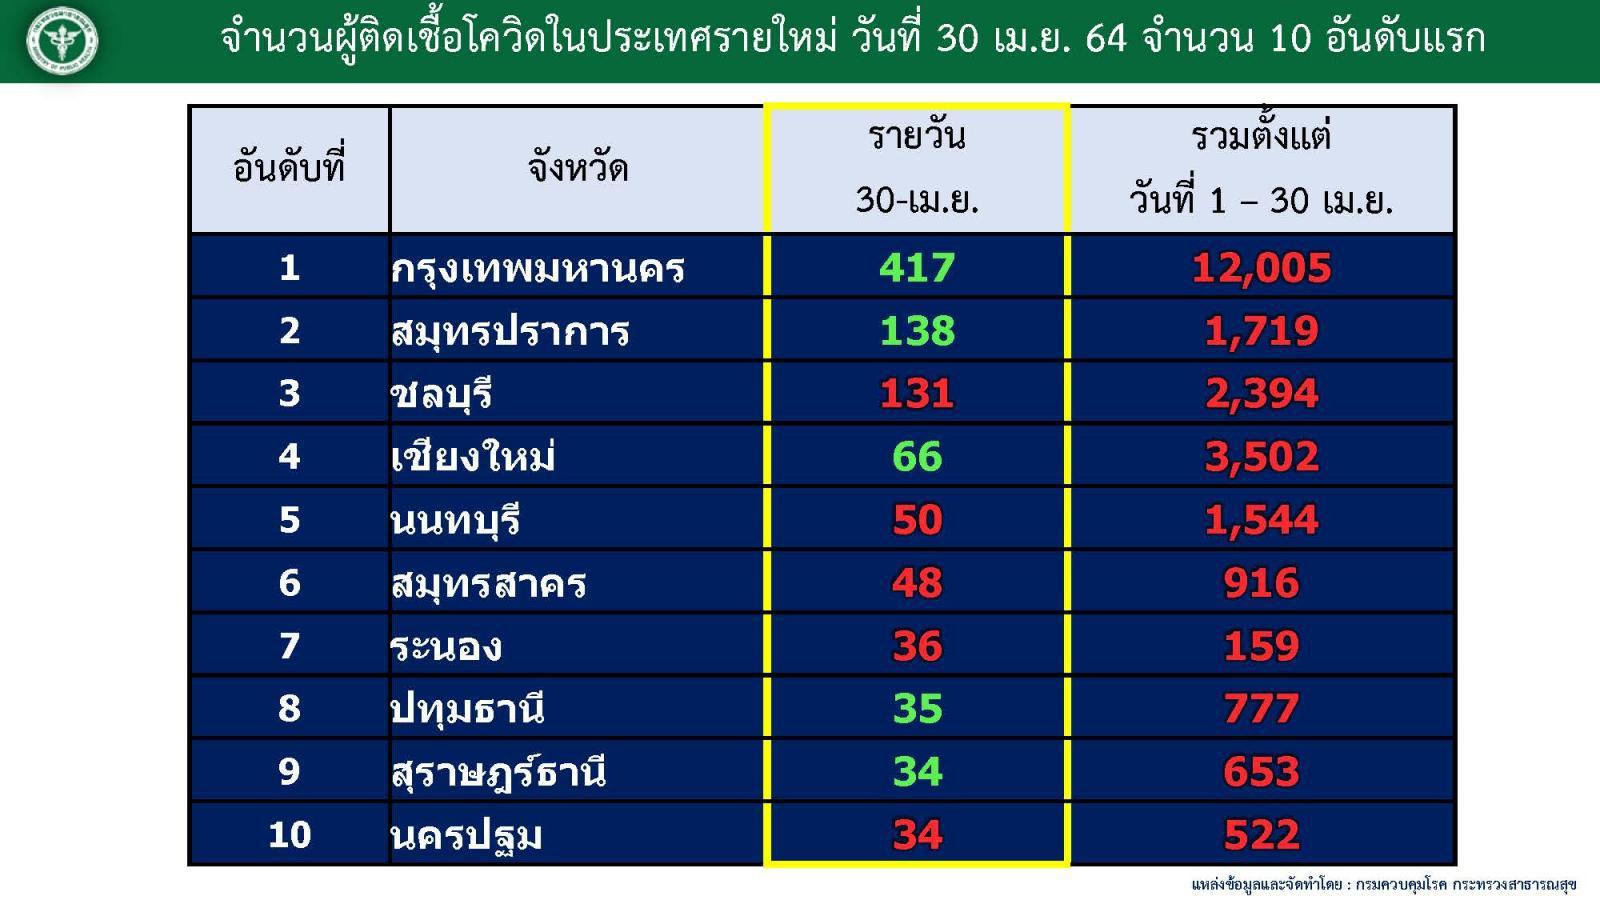 เมษา สาหัส โควิดไทยพราก 109 ชีวิต ติดเชื้อ 36,290 ปอดอักเสบพุ่งน่าวิตก!